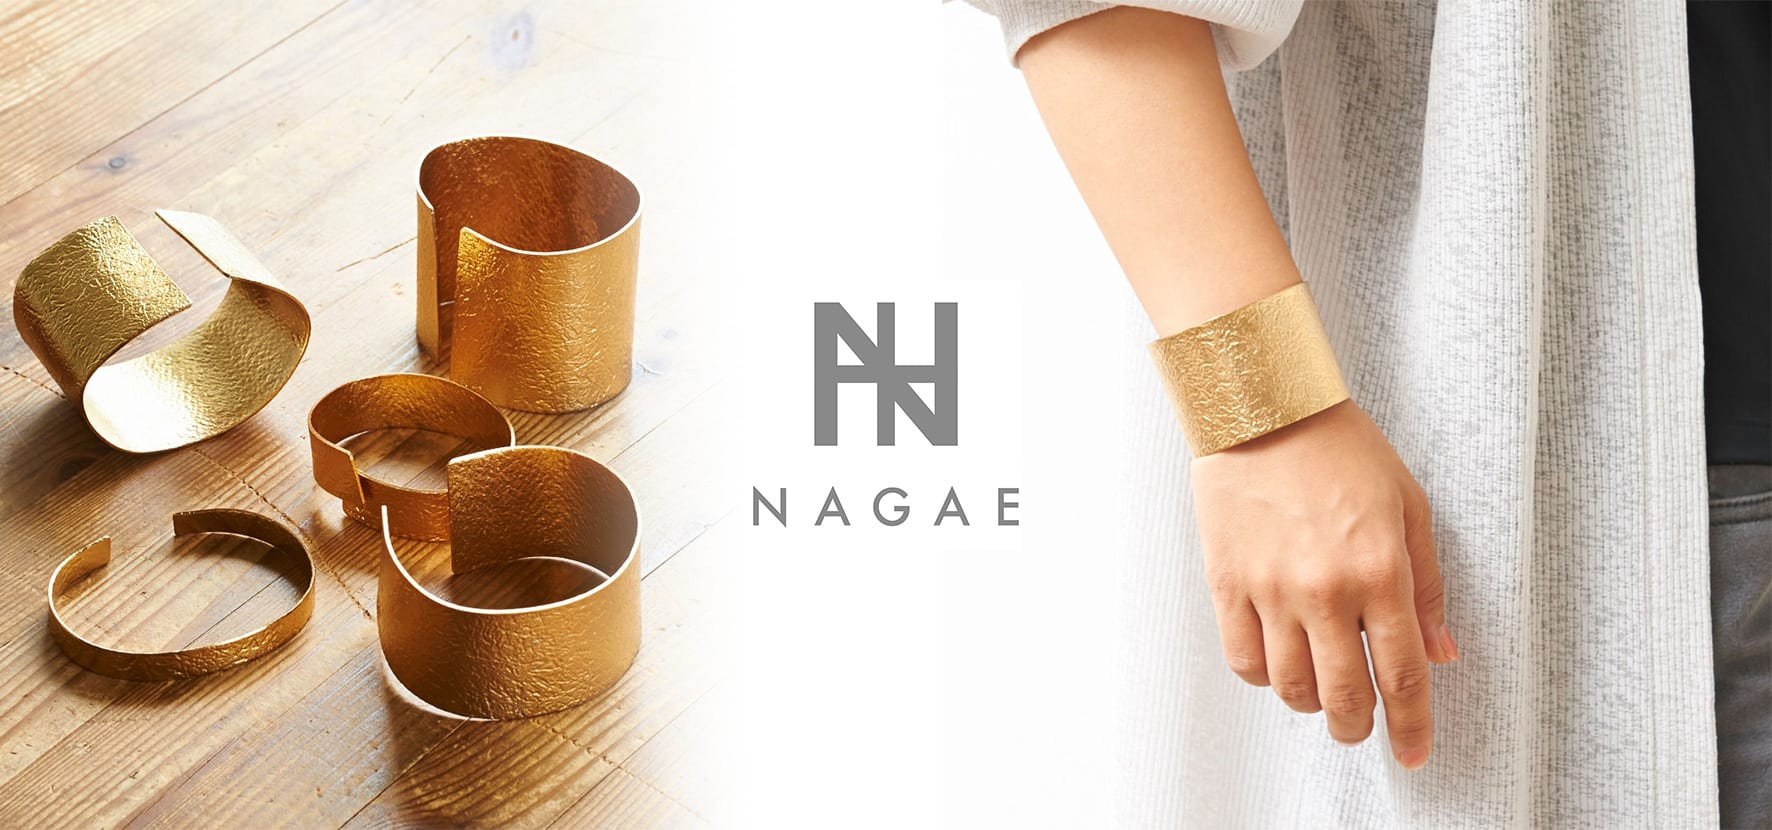 富山県高岡市から生まれた「NAGAE+(ナガエプリュス)」。2015年立ち上げとデビューして間もないながらも、ライフスタイルブランドとしてすでにメディアからも注目されています。「美」を核として開発されるプロダクトは日本のモノづくり技術と新しい感性が見事にコラボレーション。